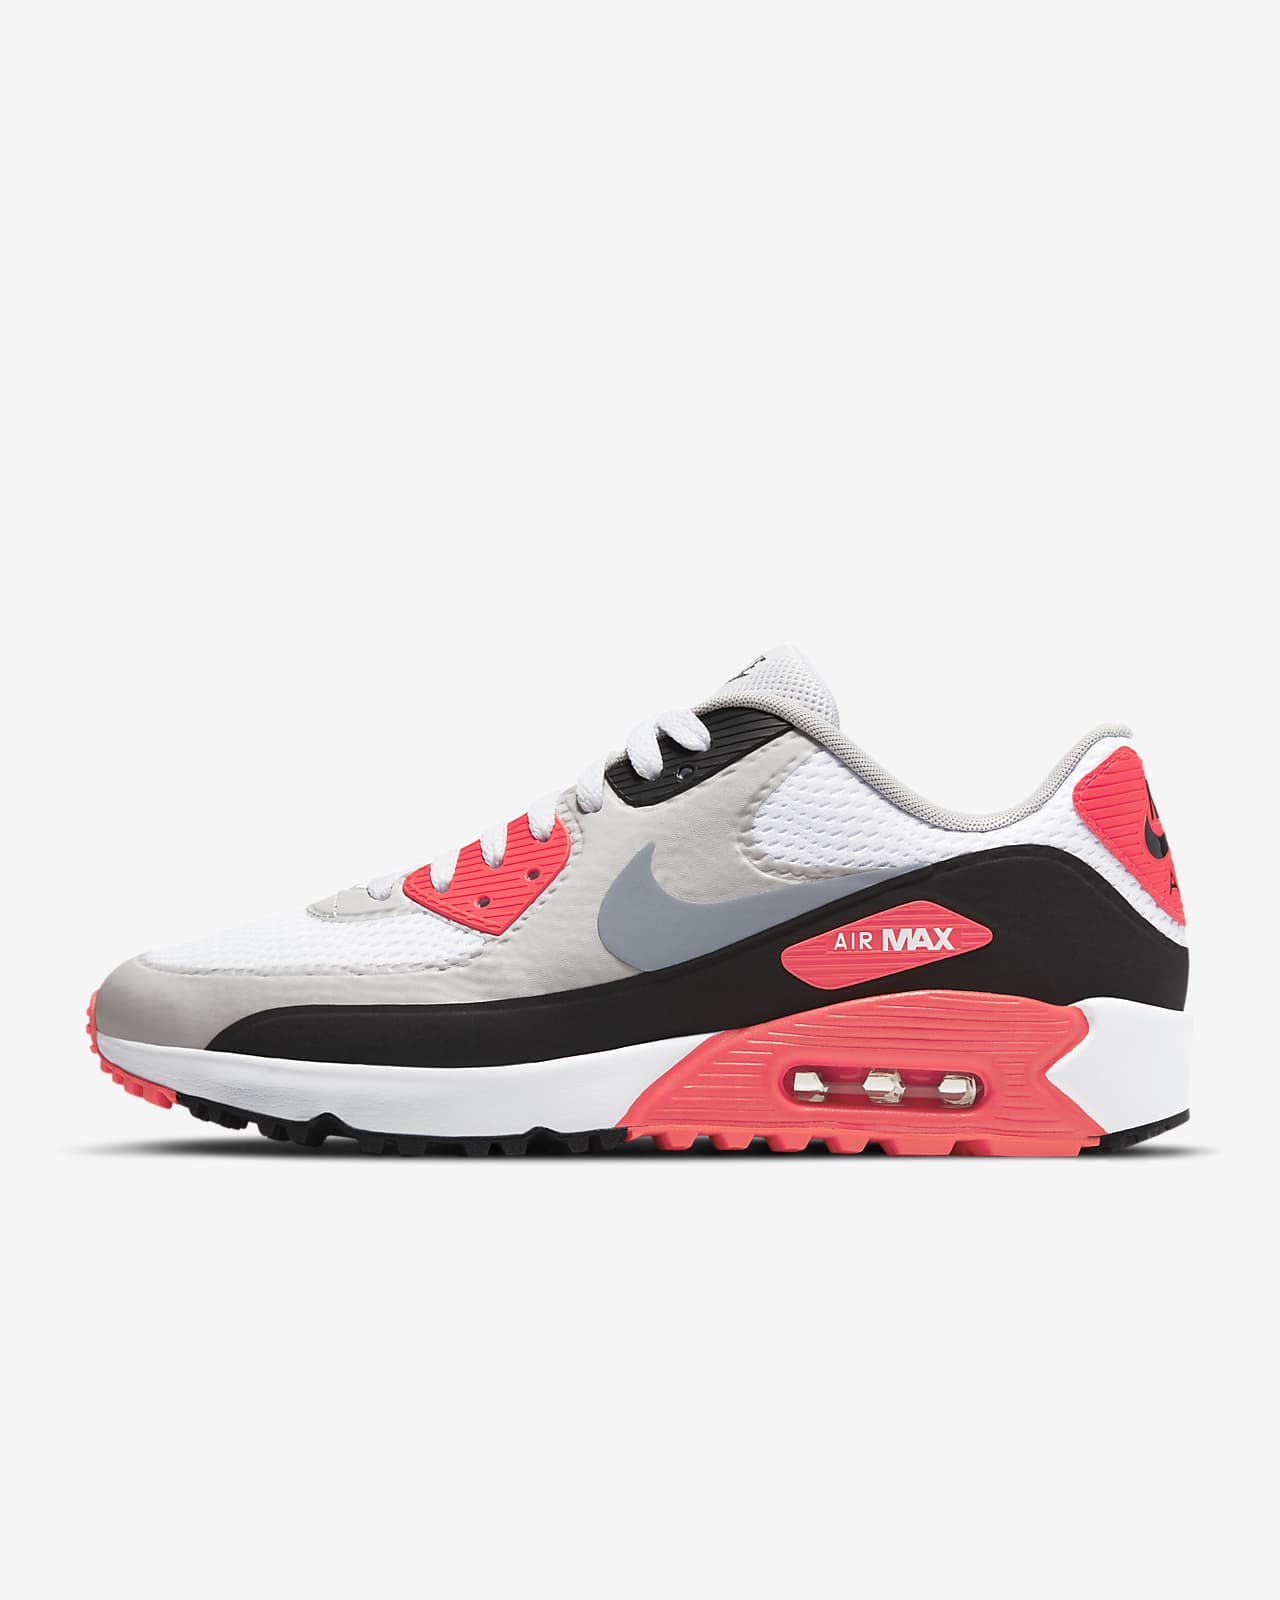 Nike Air Max 90 G Golf Shoe